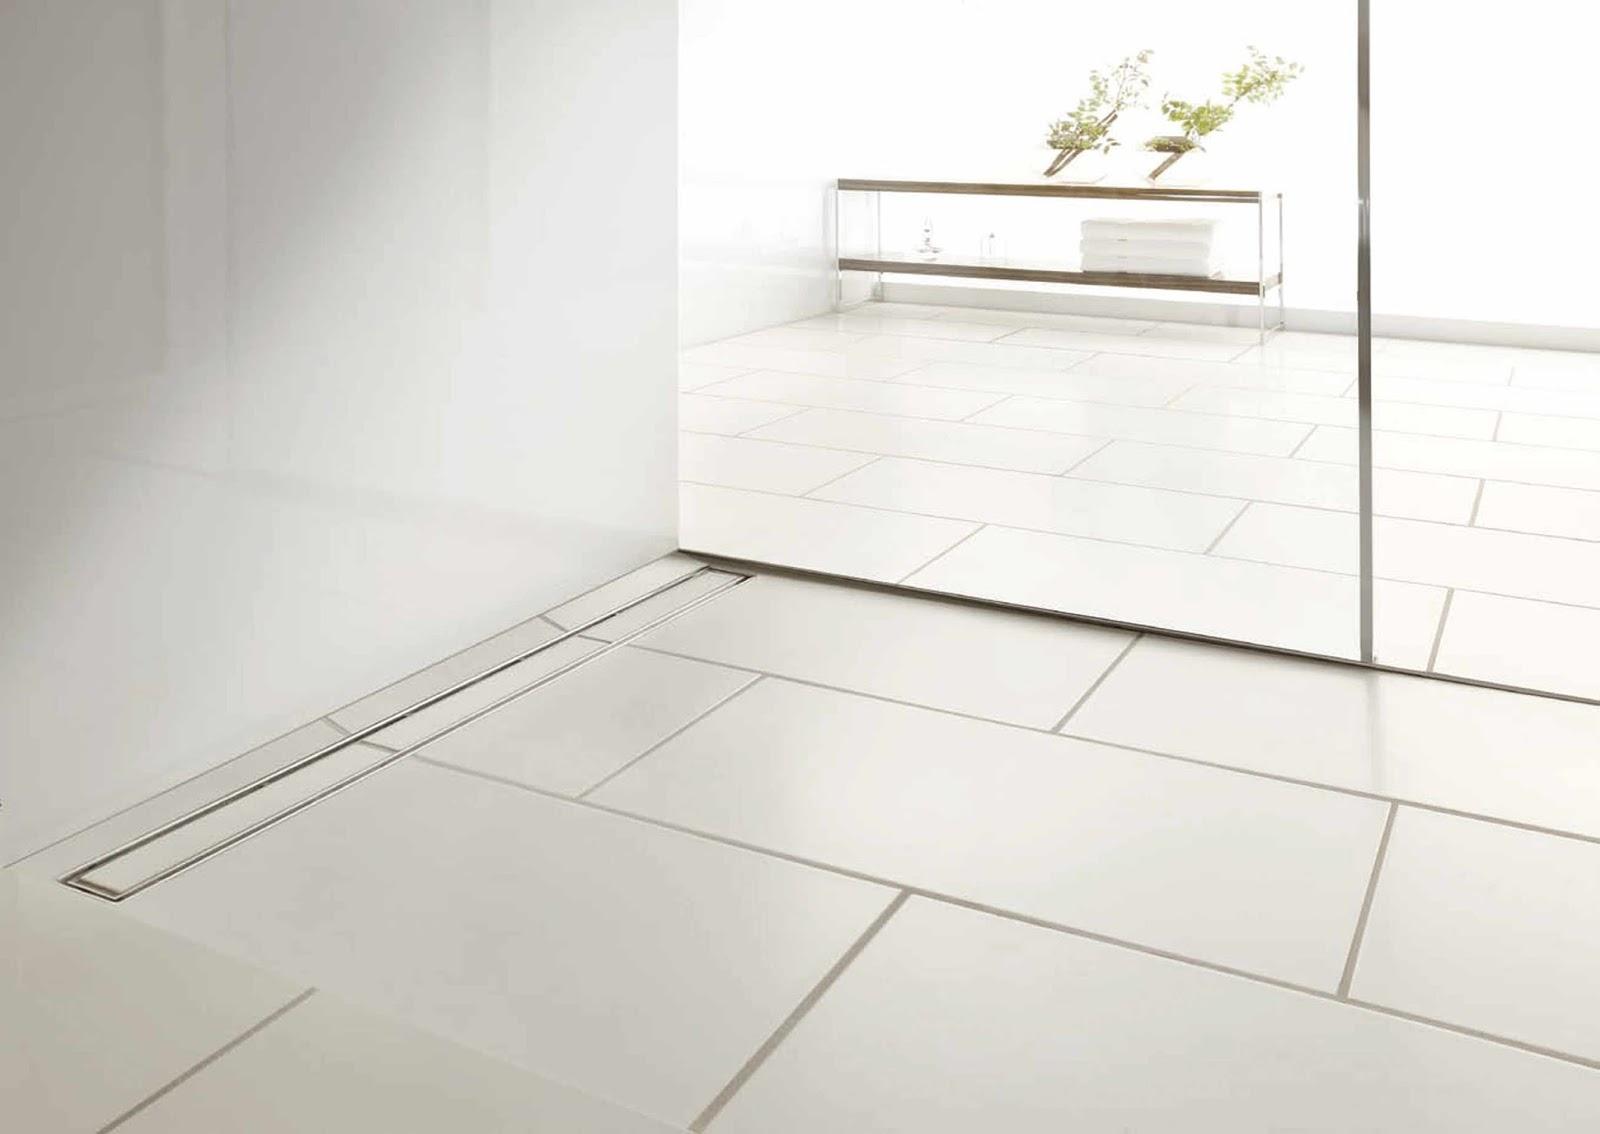 Piatto doccia filo pavimento problemi stunning piatto doccia extraslim su misura with piatto - Piatto doccia piastrellabile ...